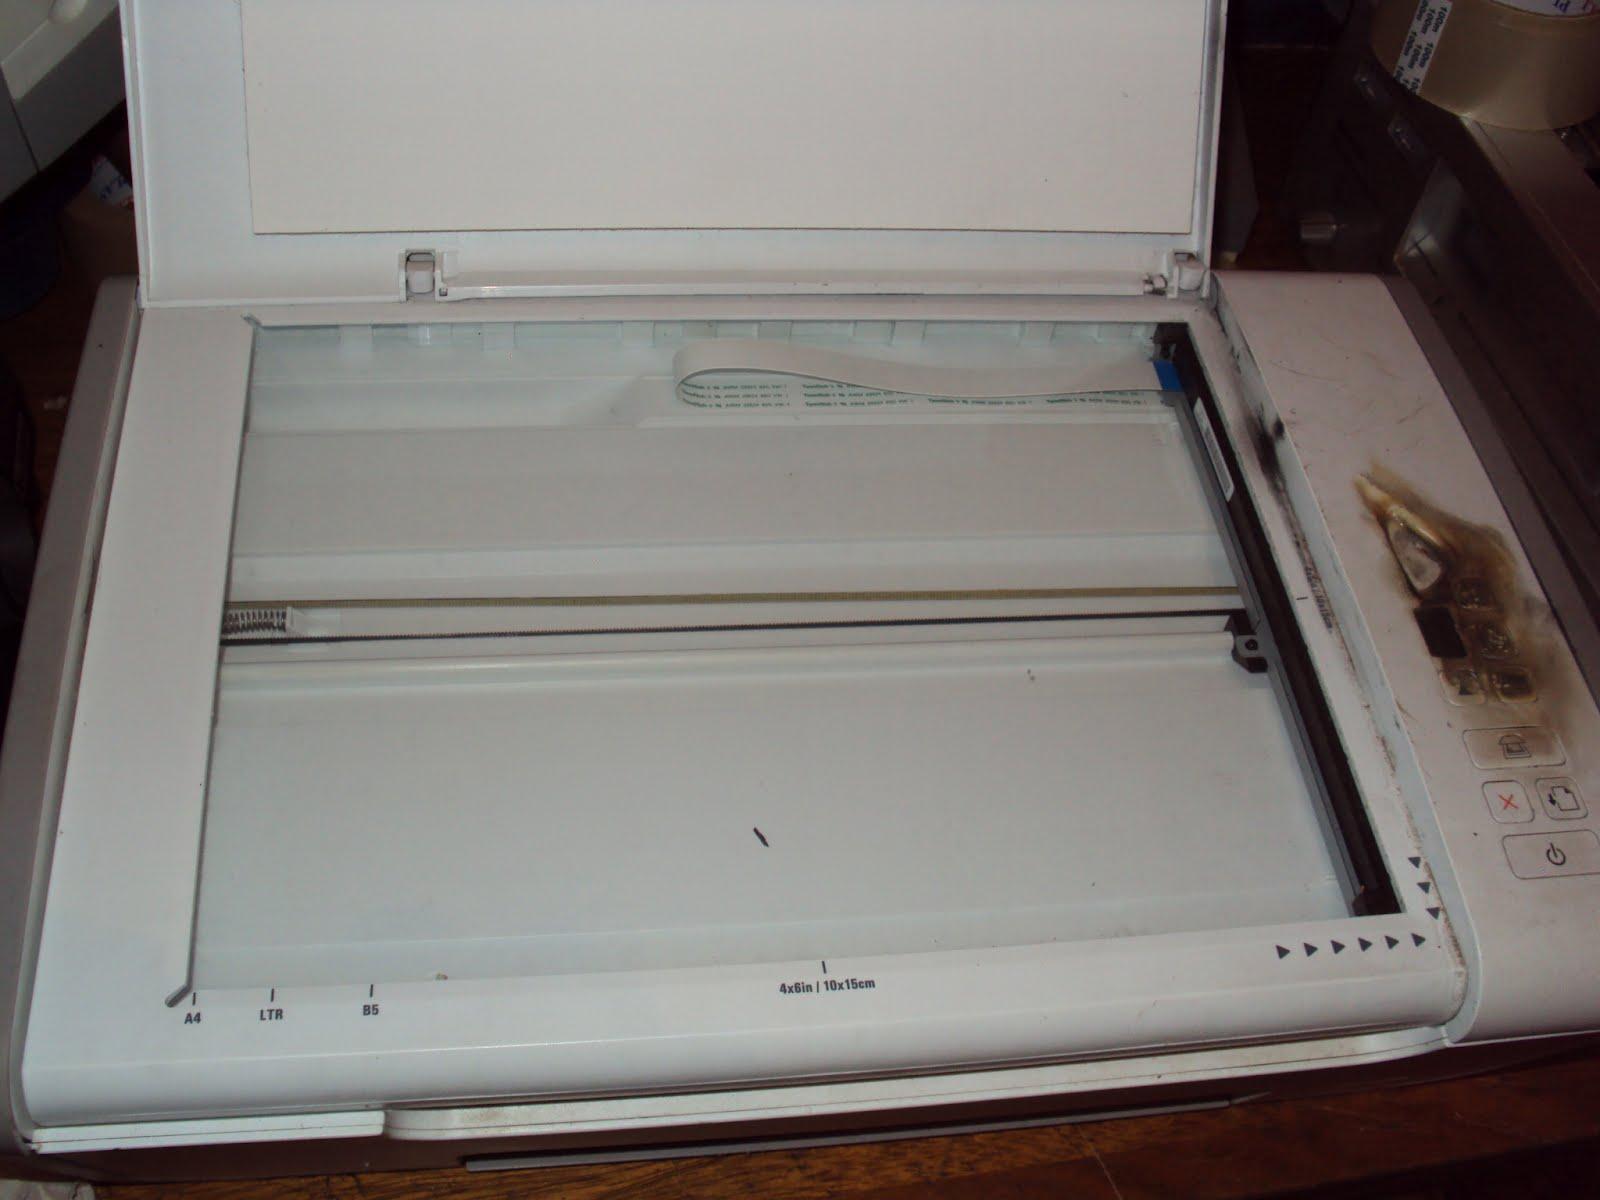 brinquedos%2C+impressoras+%2Cmedalha+e+vitrola+093.JPG (1600×1200)